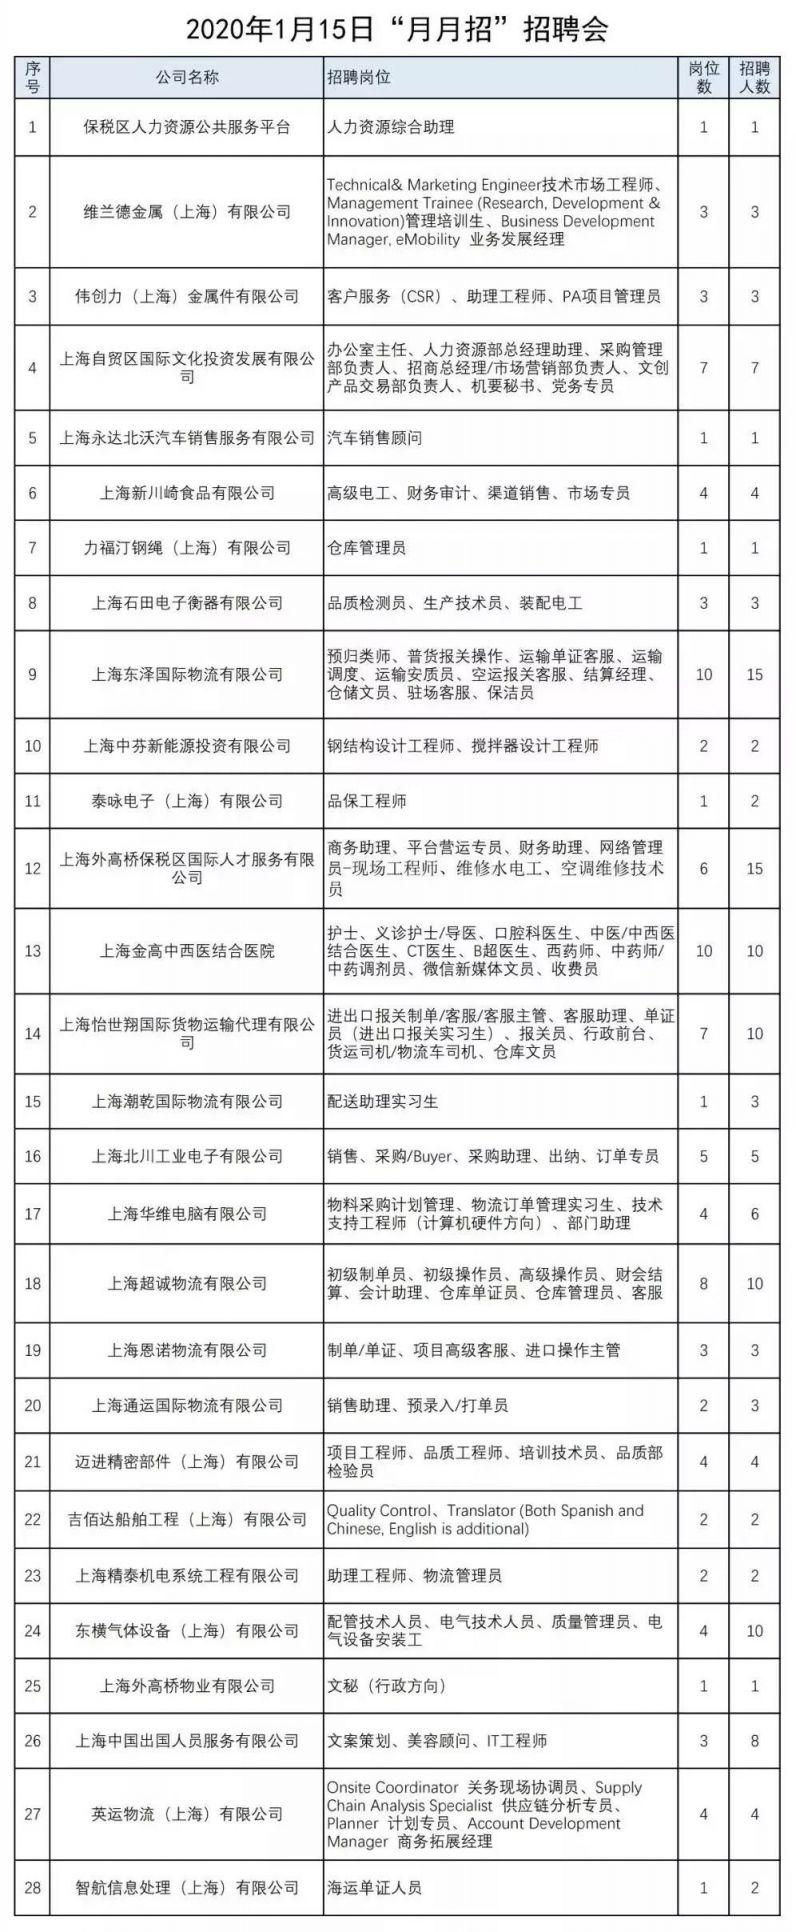 上海自贸区月月招招聘会1月15日举行 100余岗位